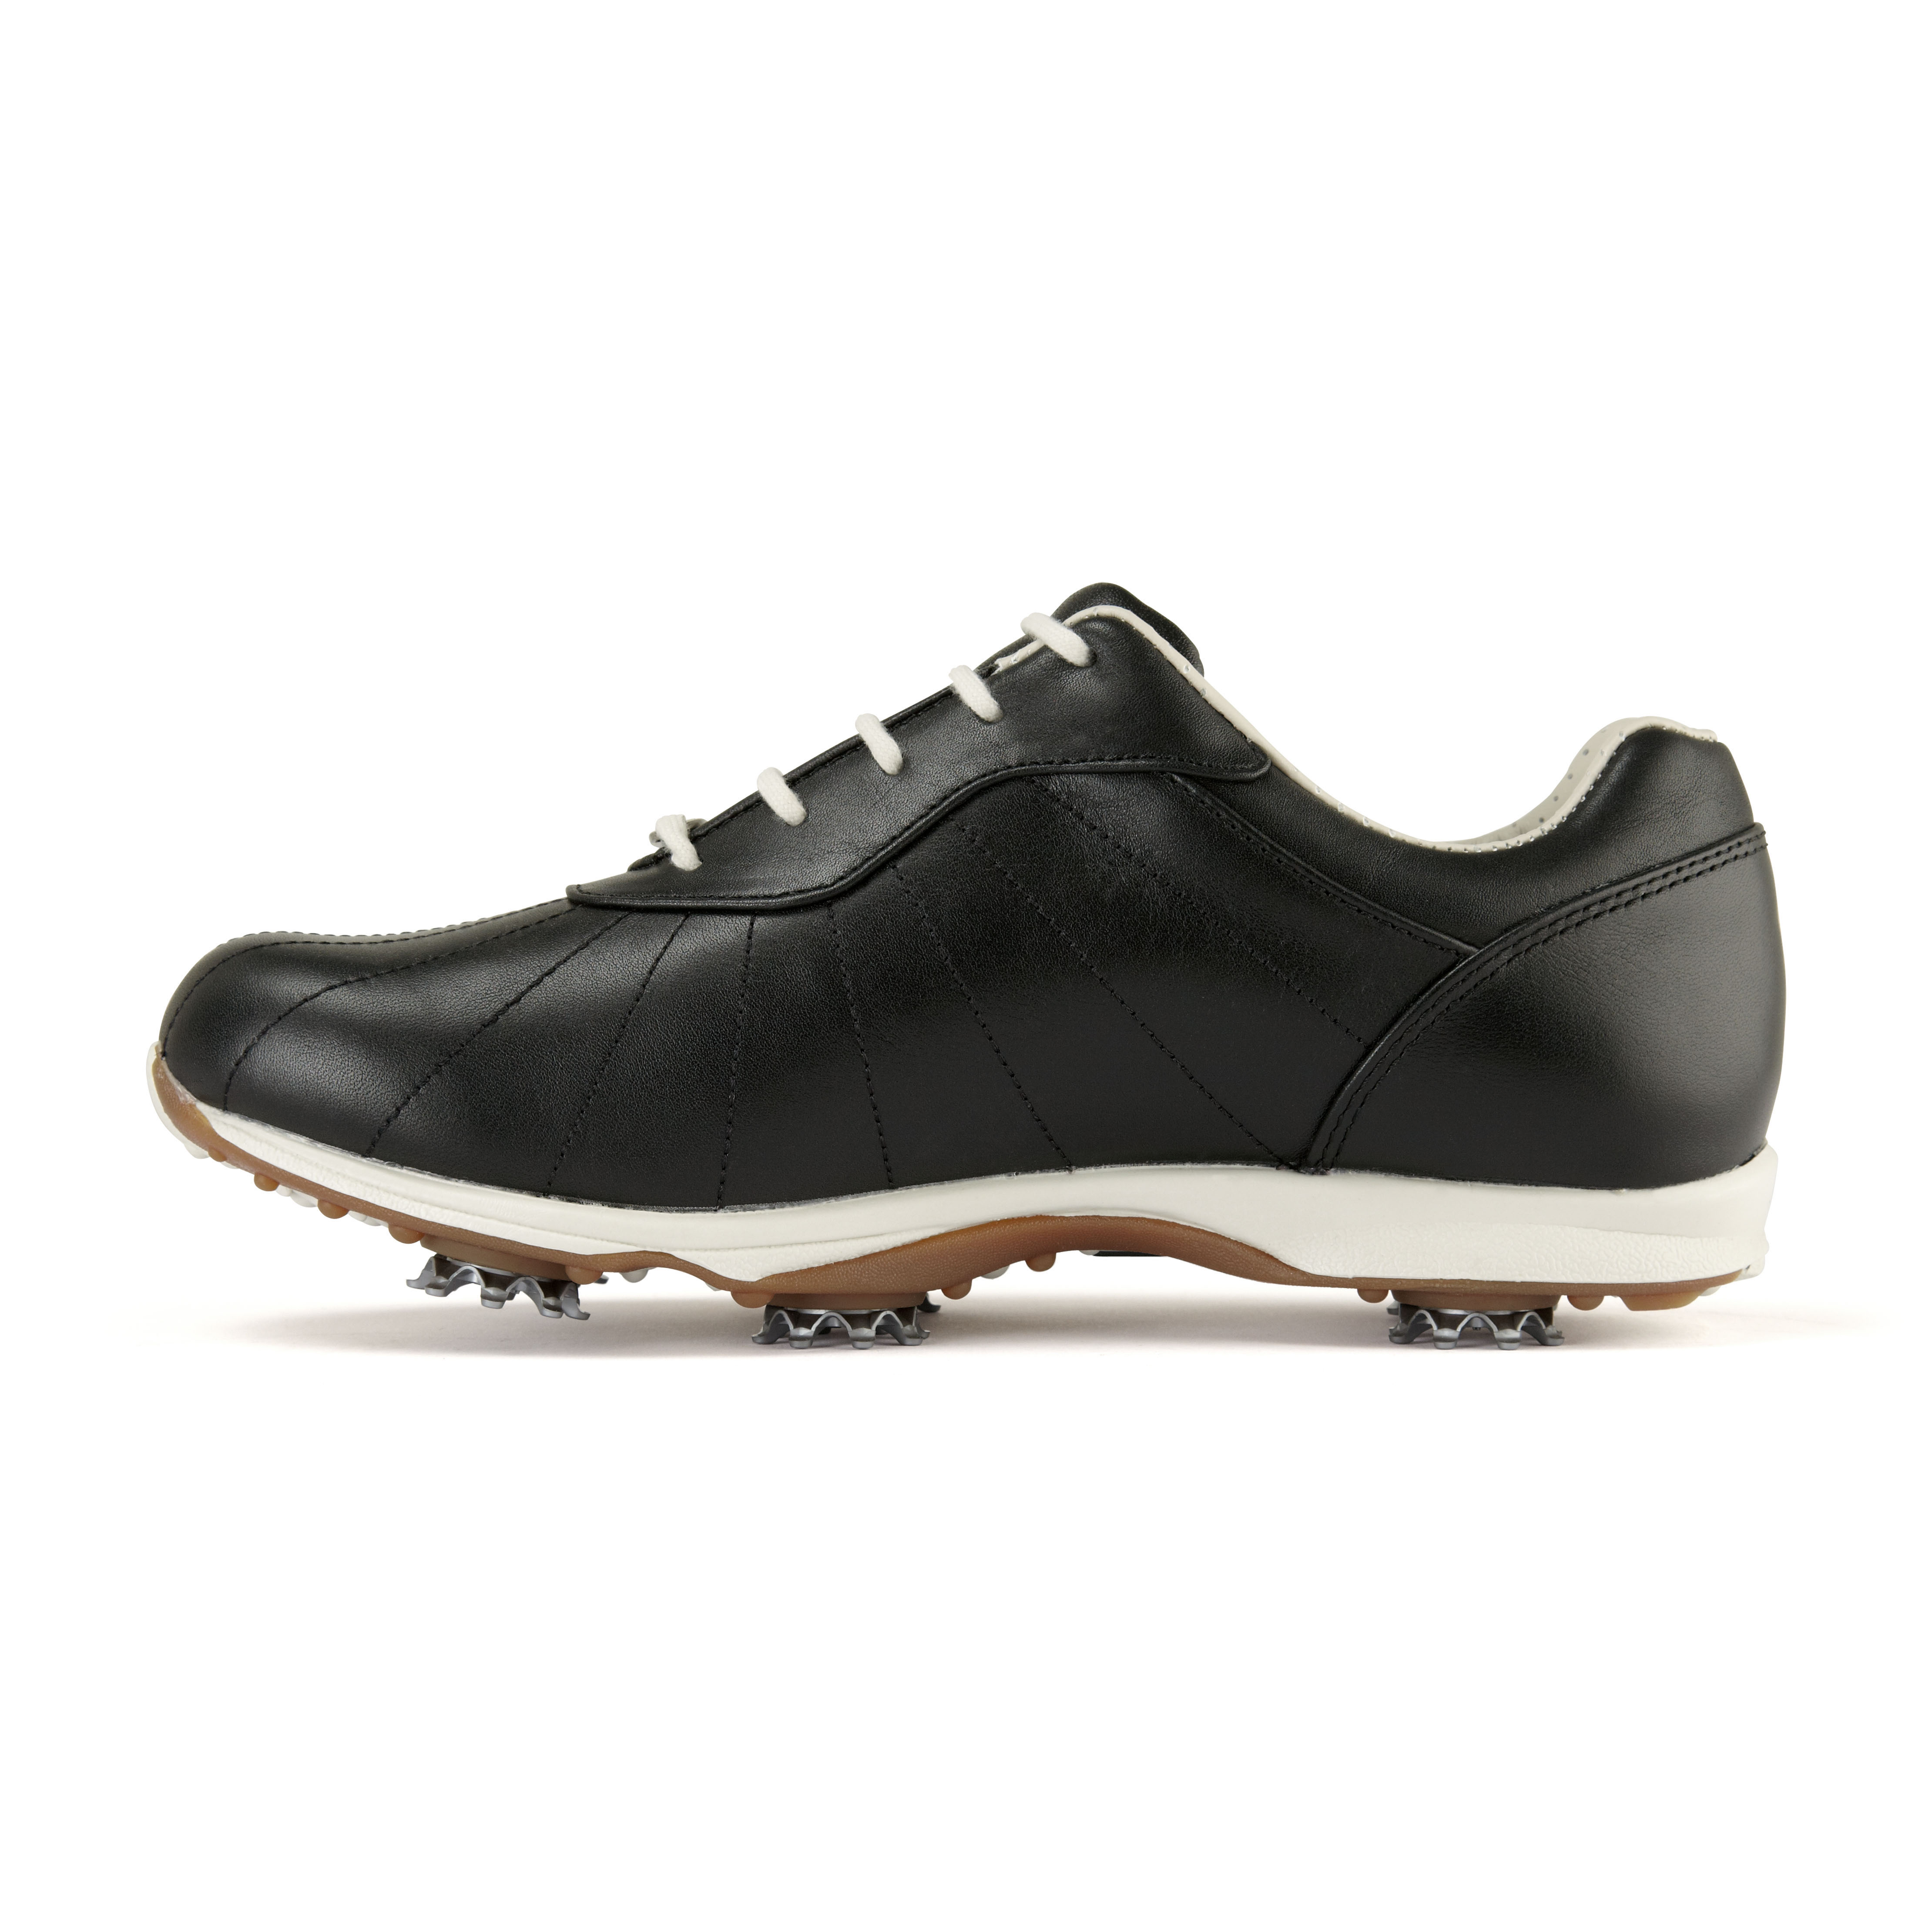 Footjoy Embody Golf Shoes Ladies